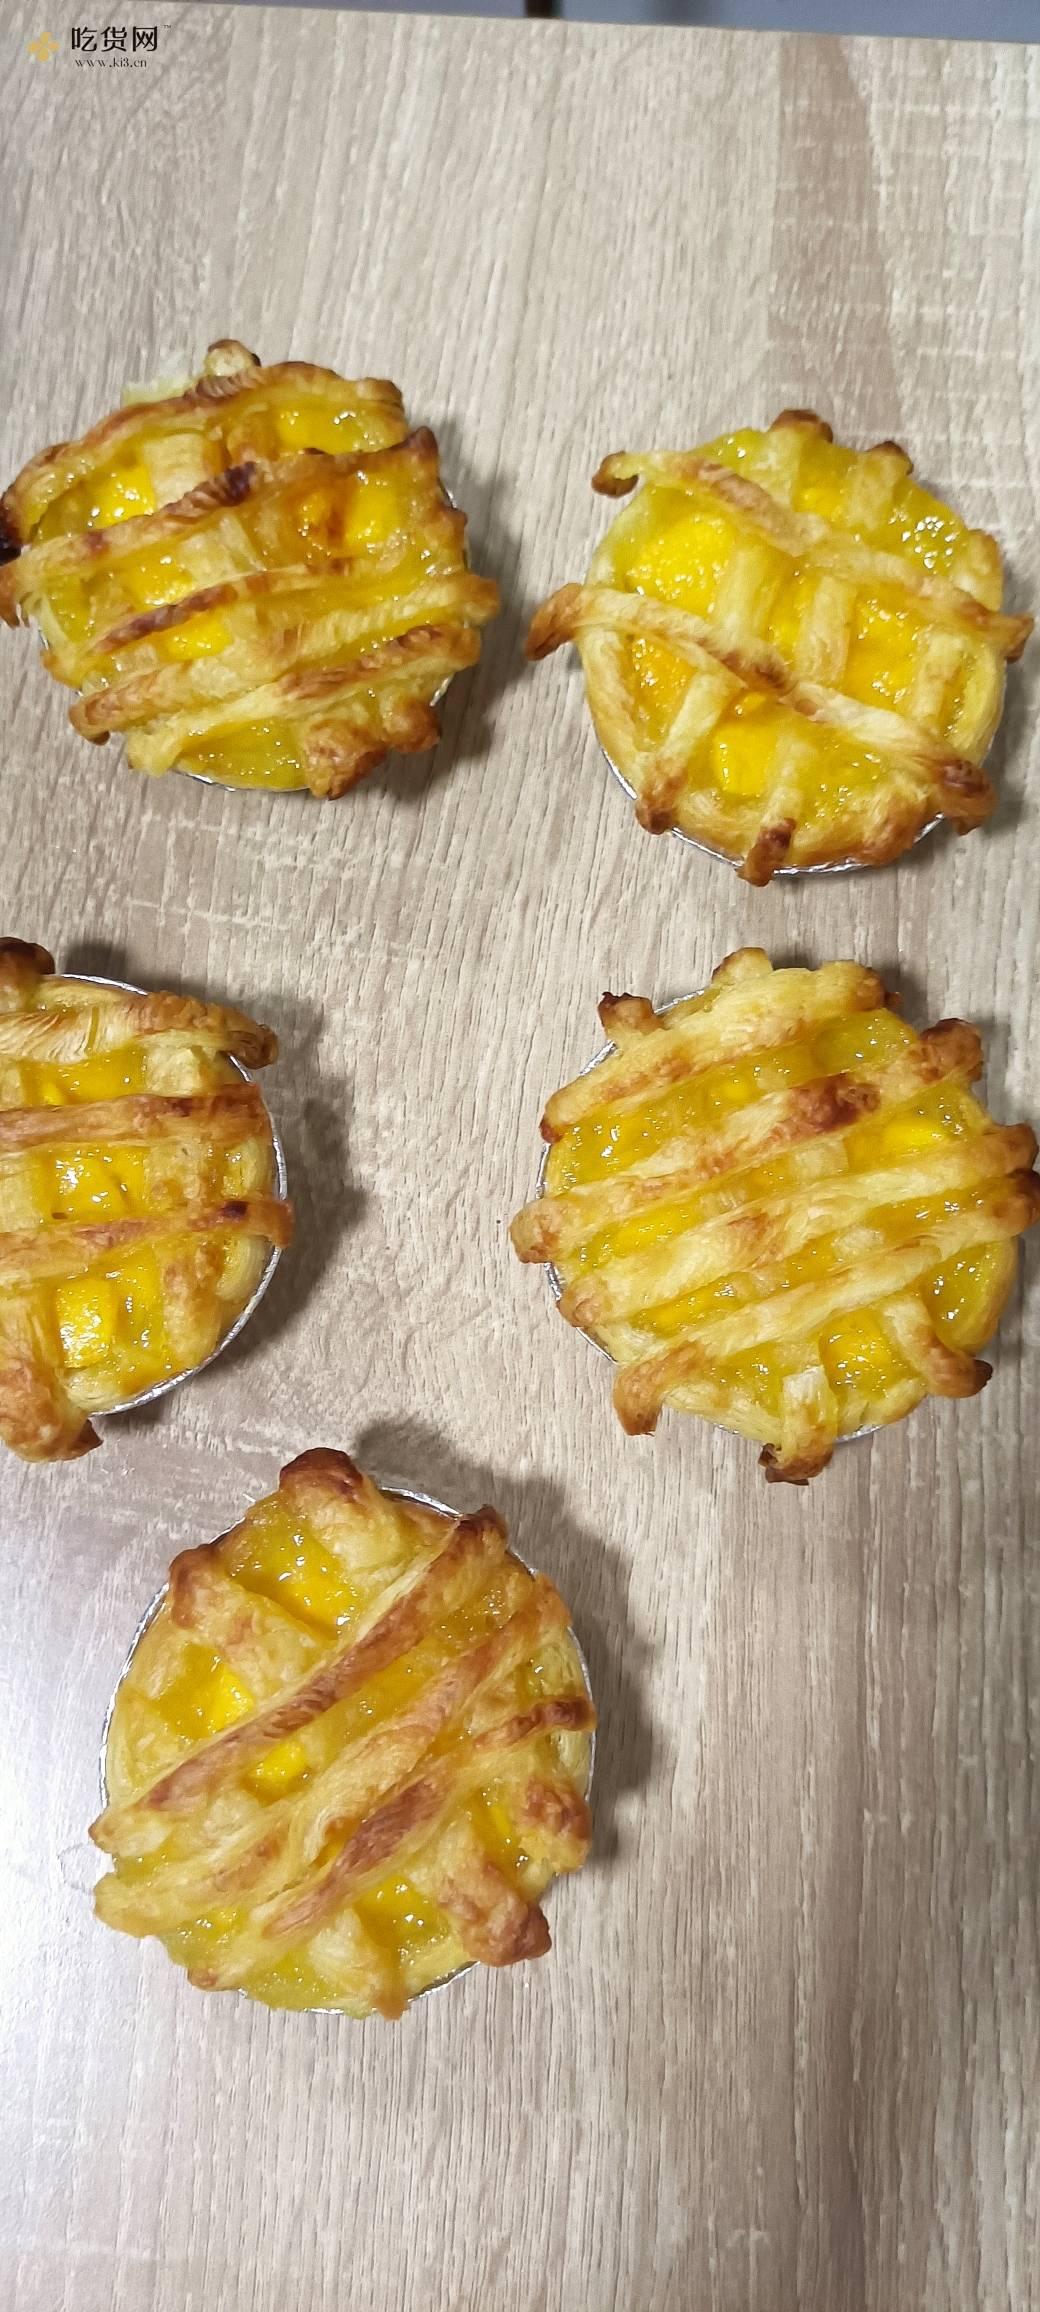 美味的蜂蜜芒果派(空气炸锅版)的做法 步骤6